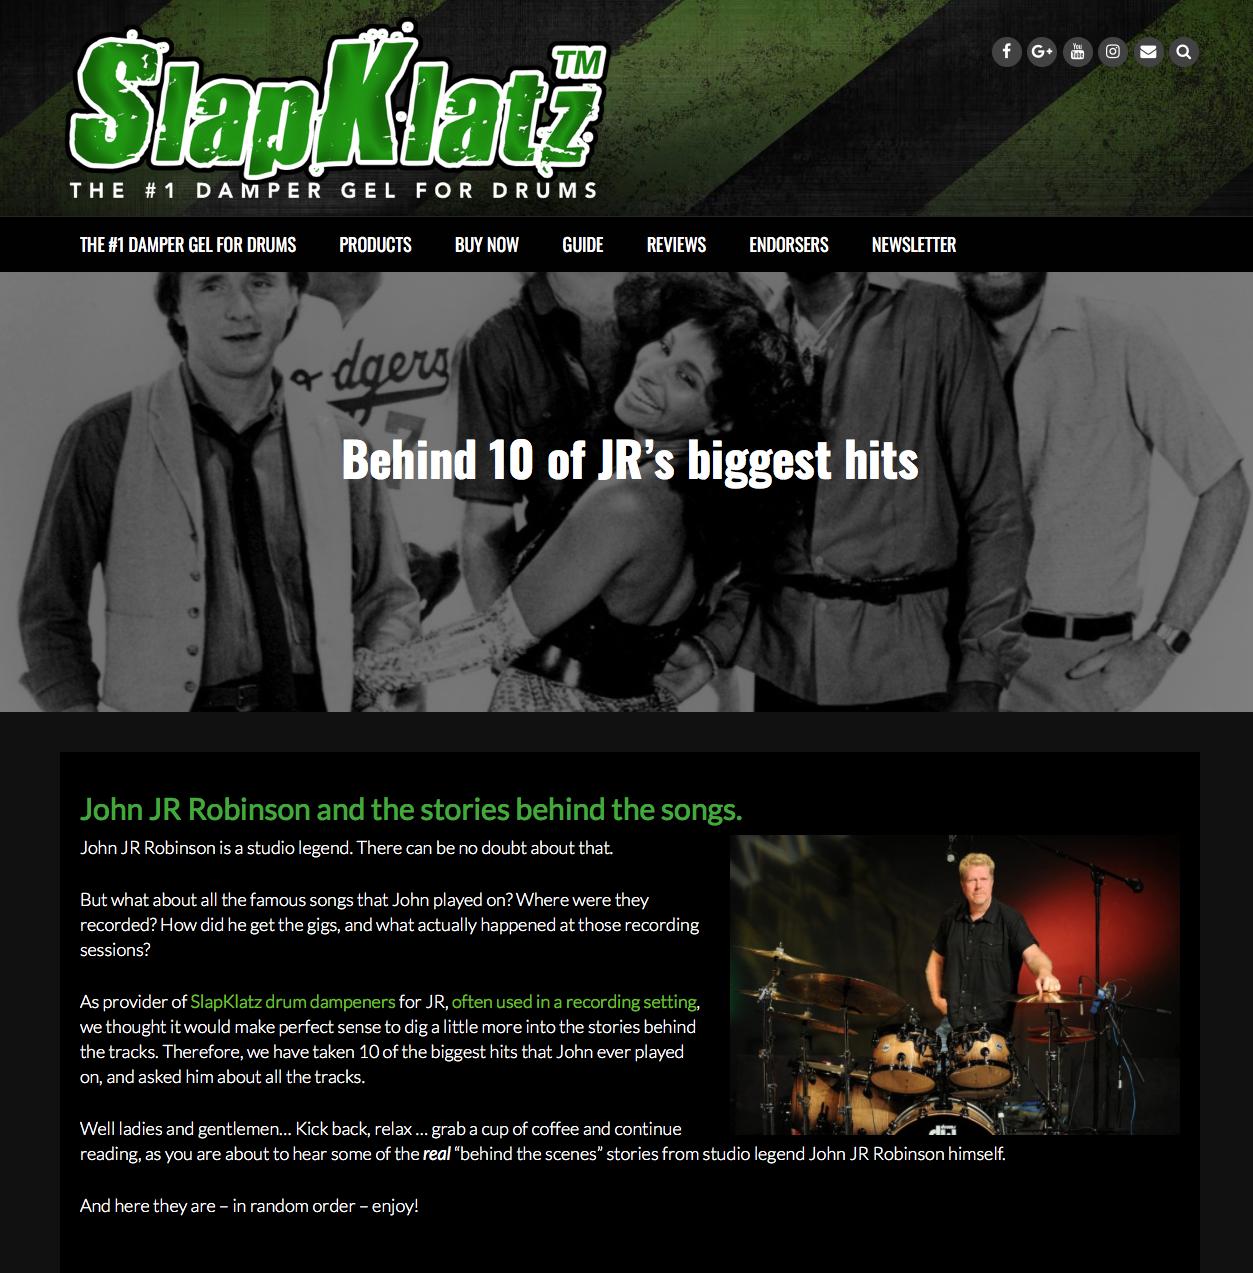 JR artikel på SlapKlatz.com